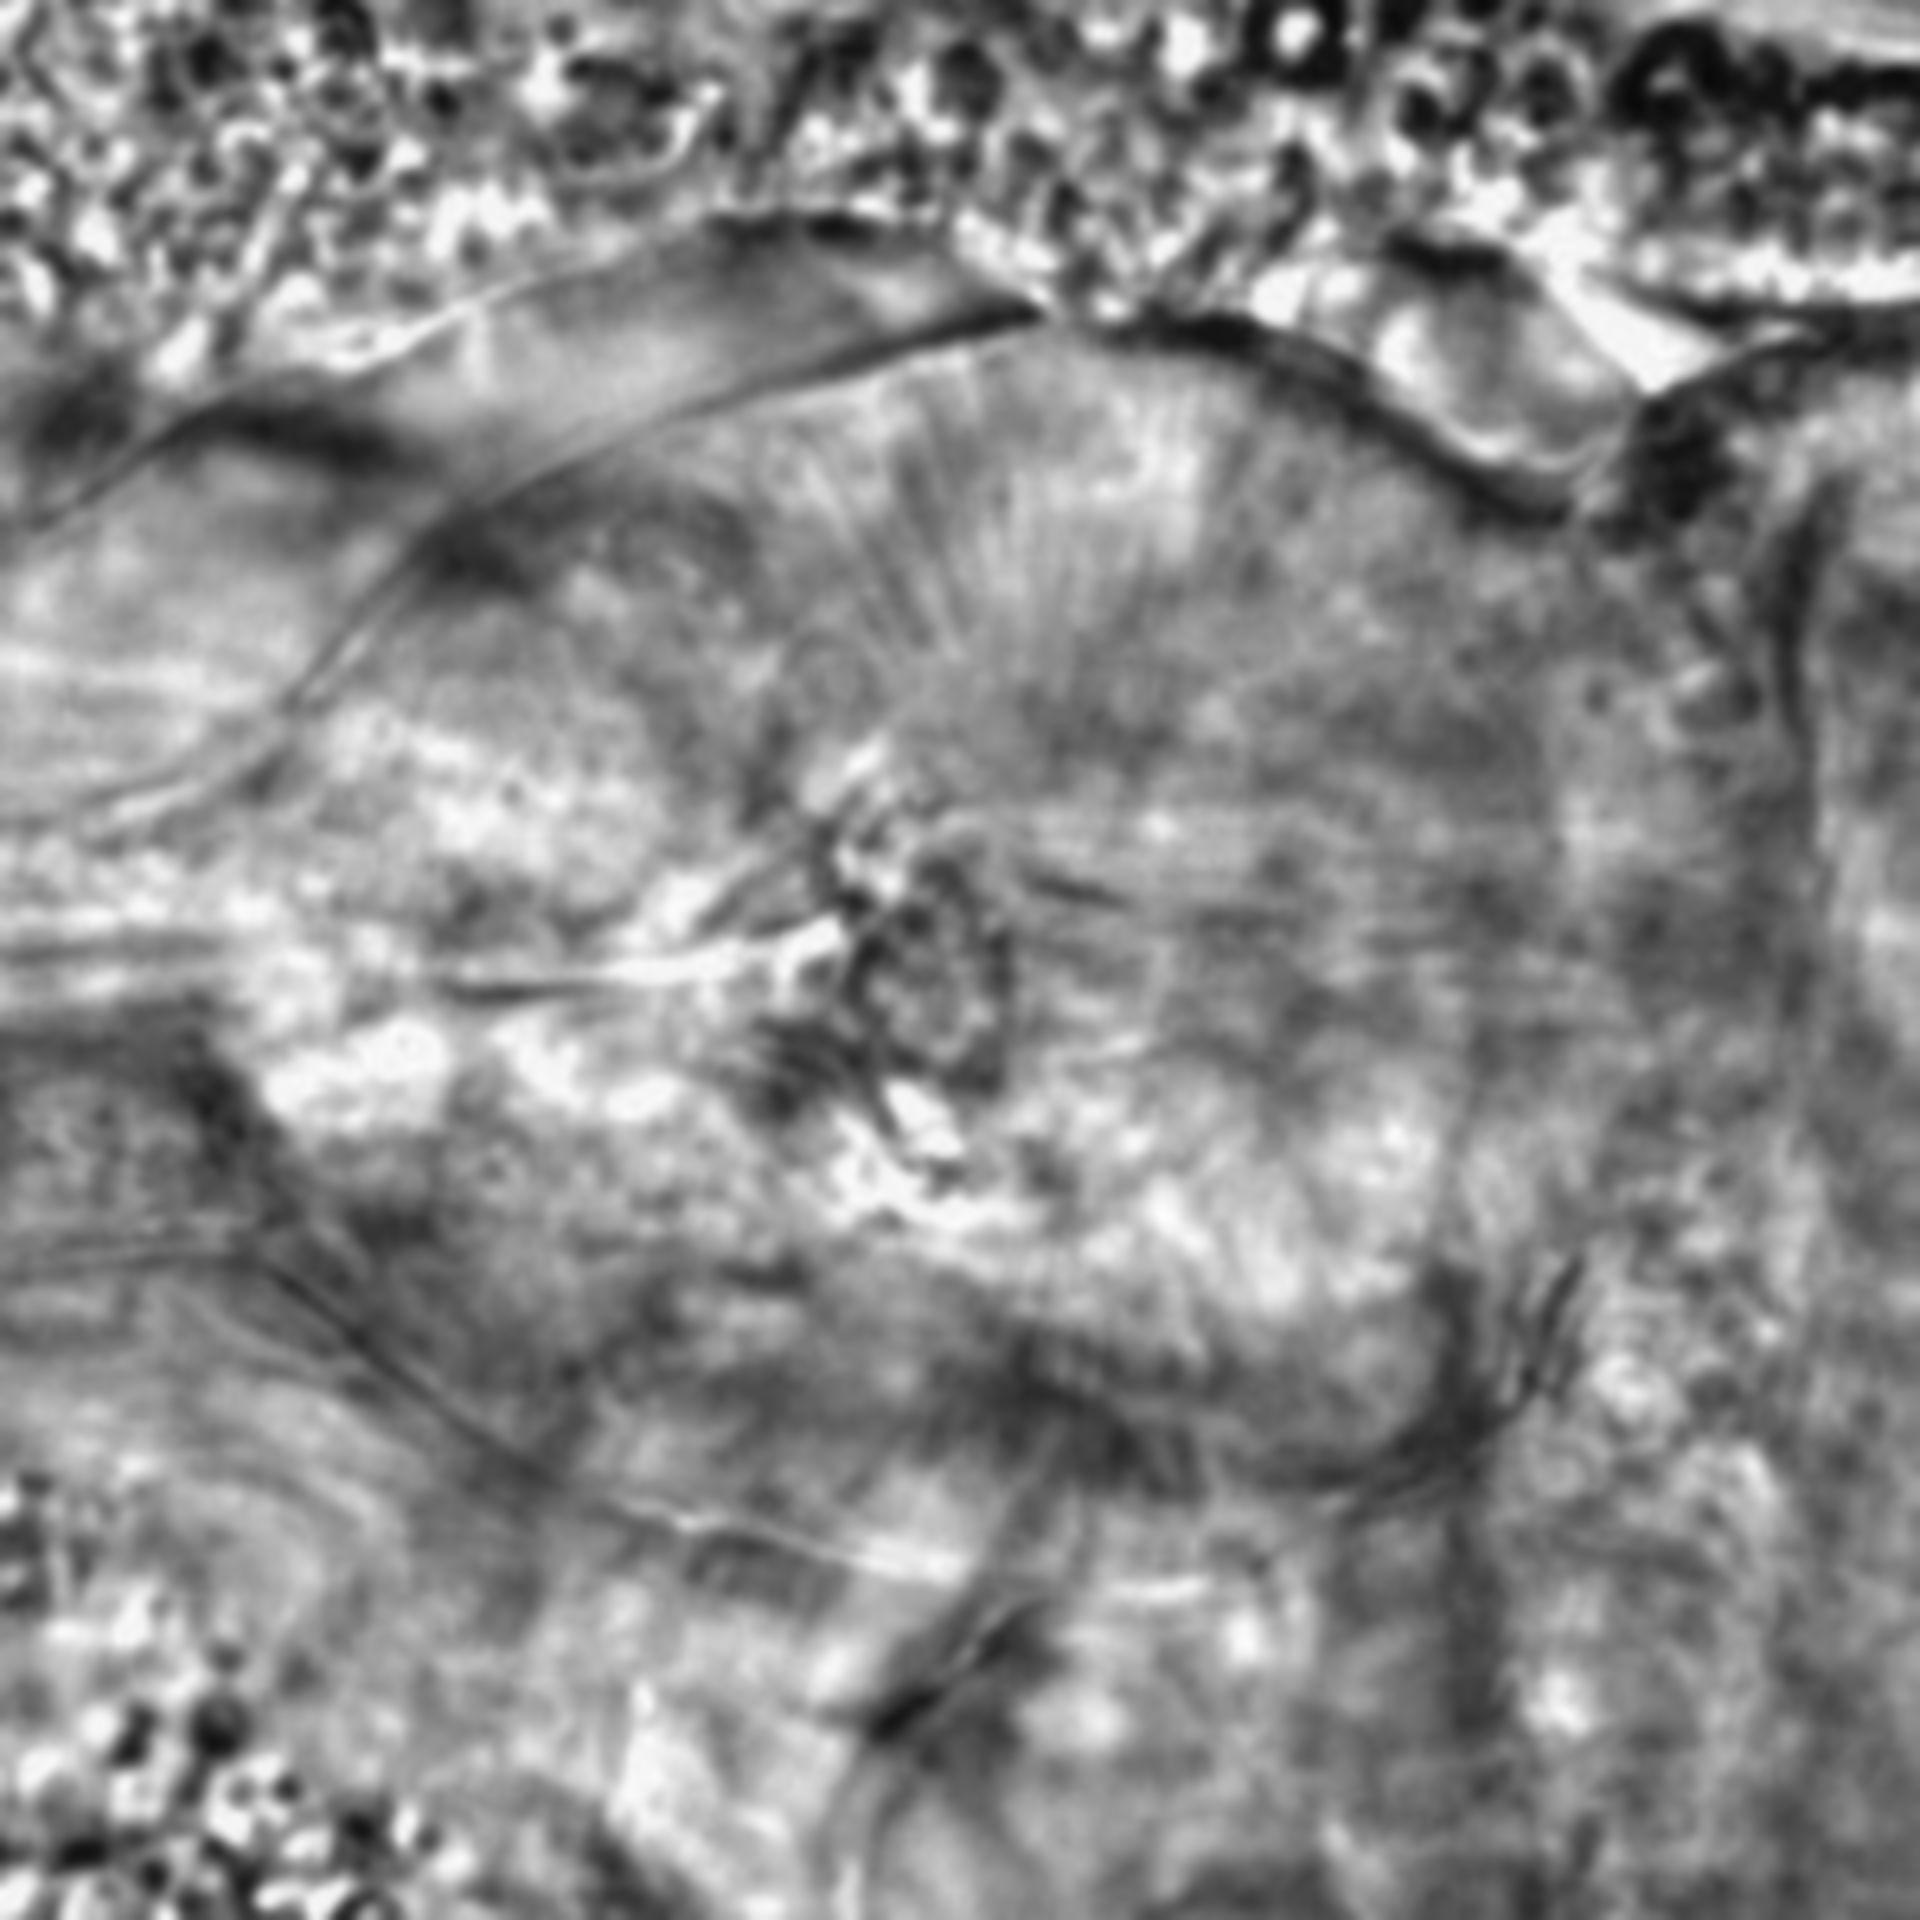 Caenorhabditis elegans - CIL:2204